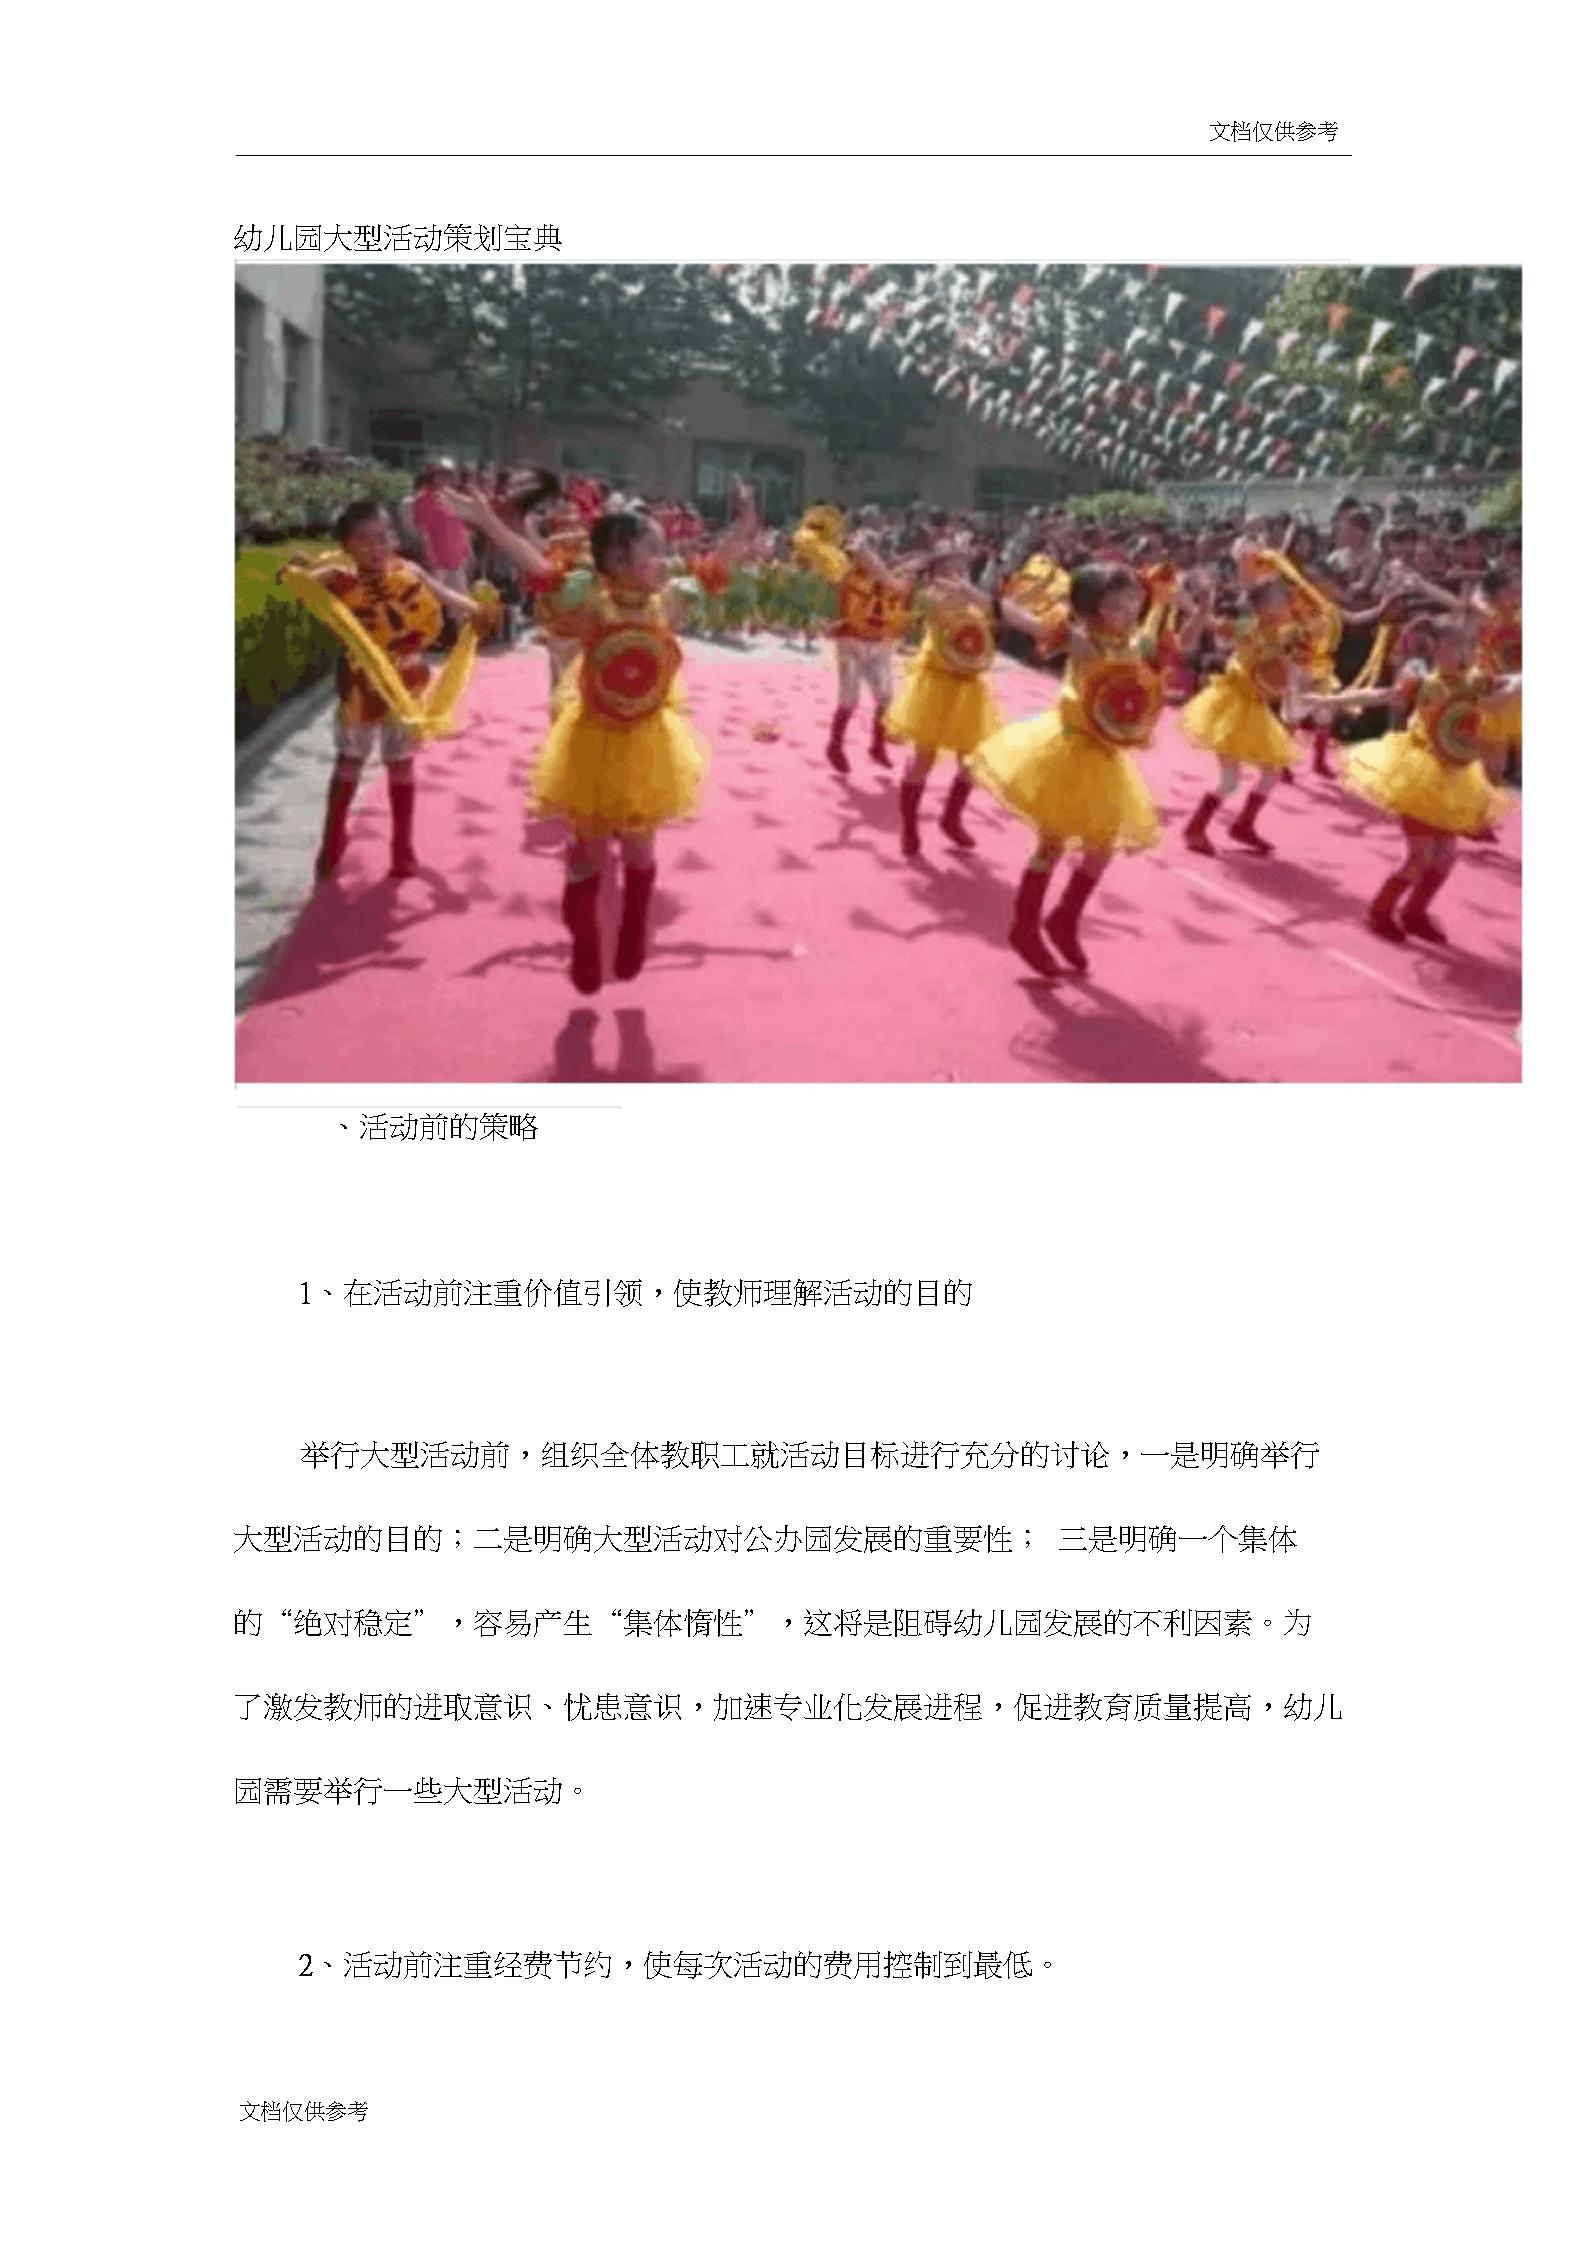 幼儿园大型活动策划宝典.docx